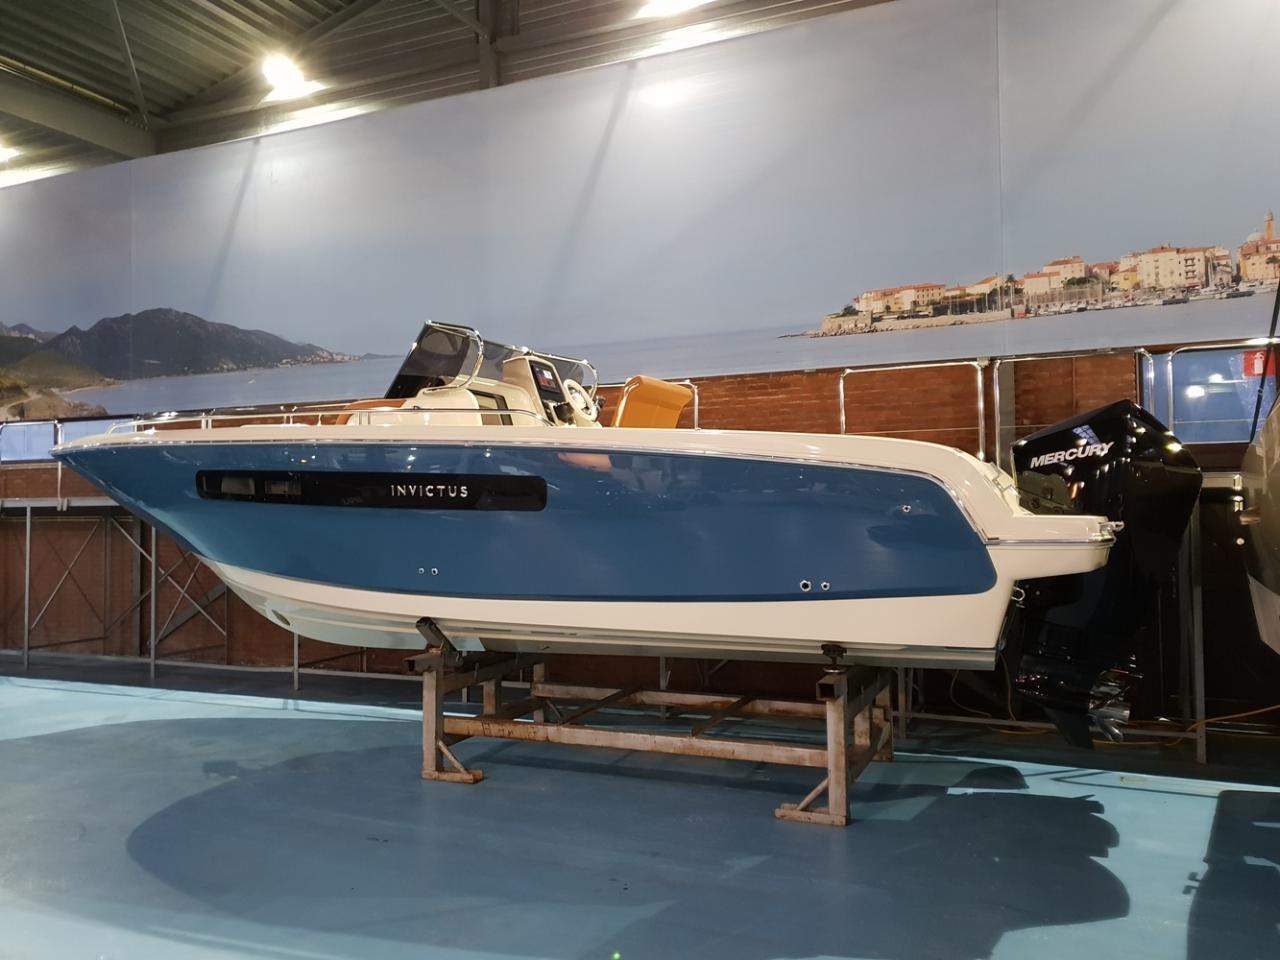 Invictus 270 cx met 2 x Mercury Verado 200 pk 8